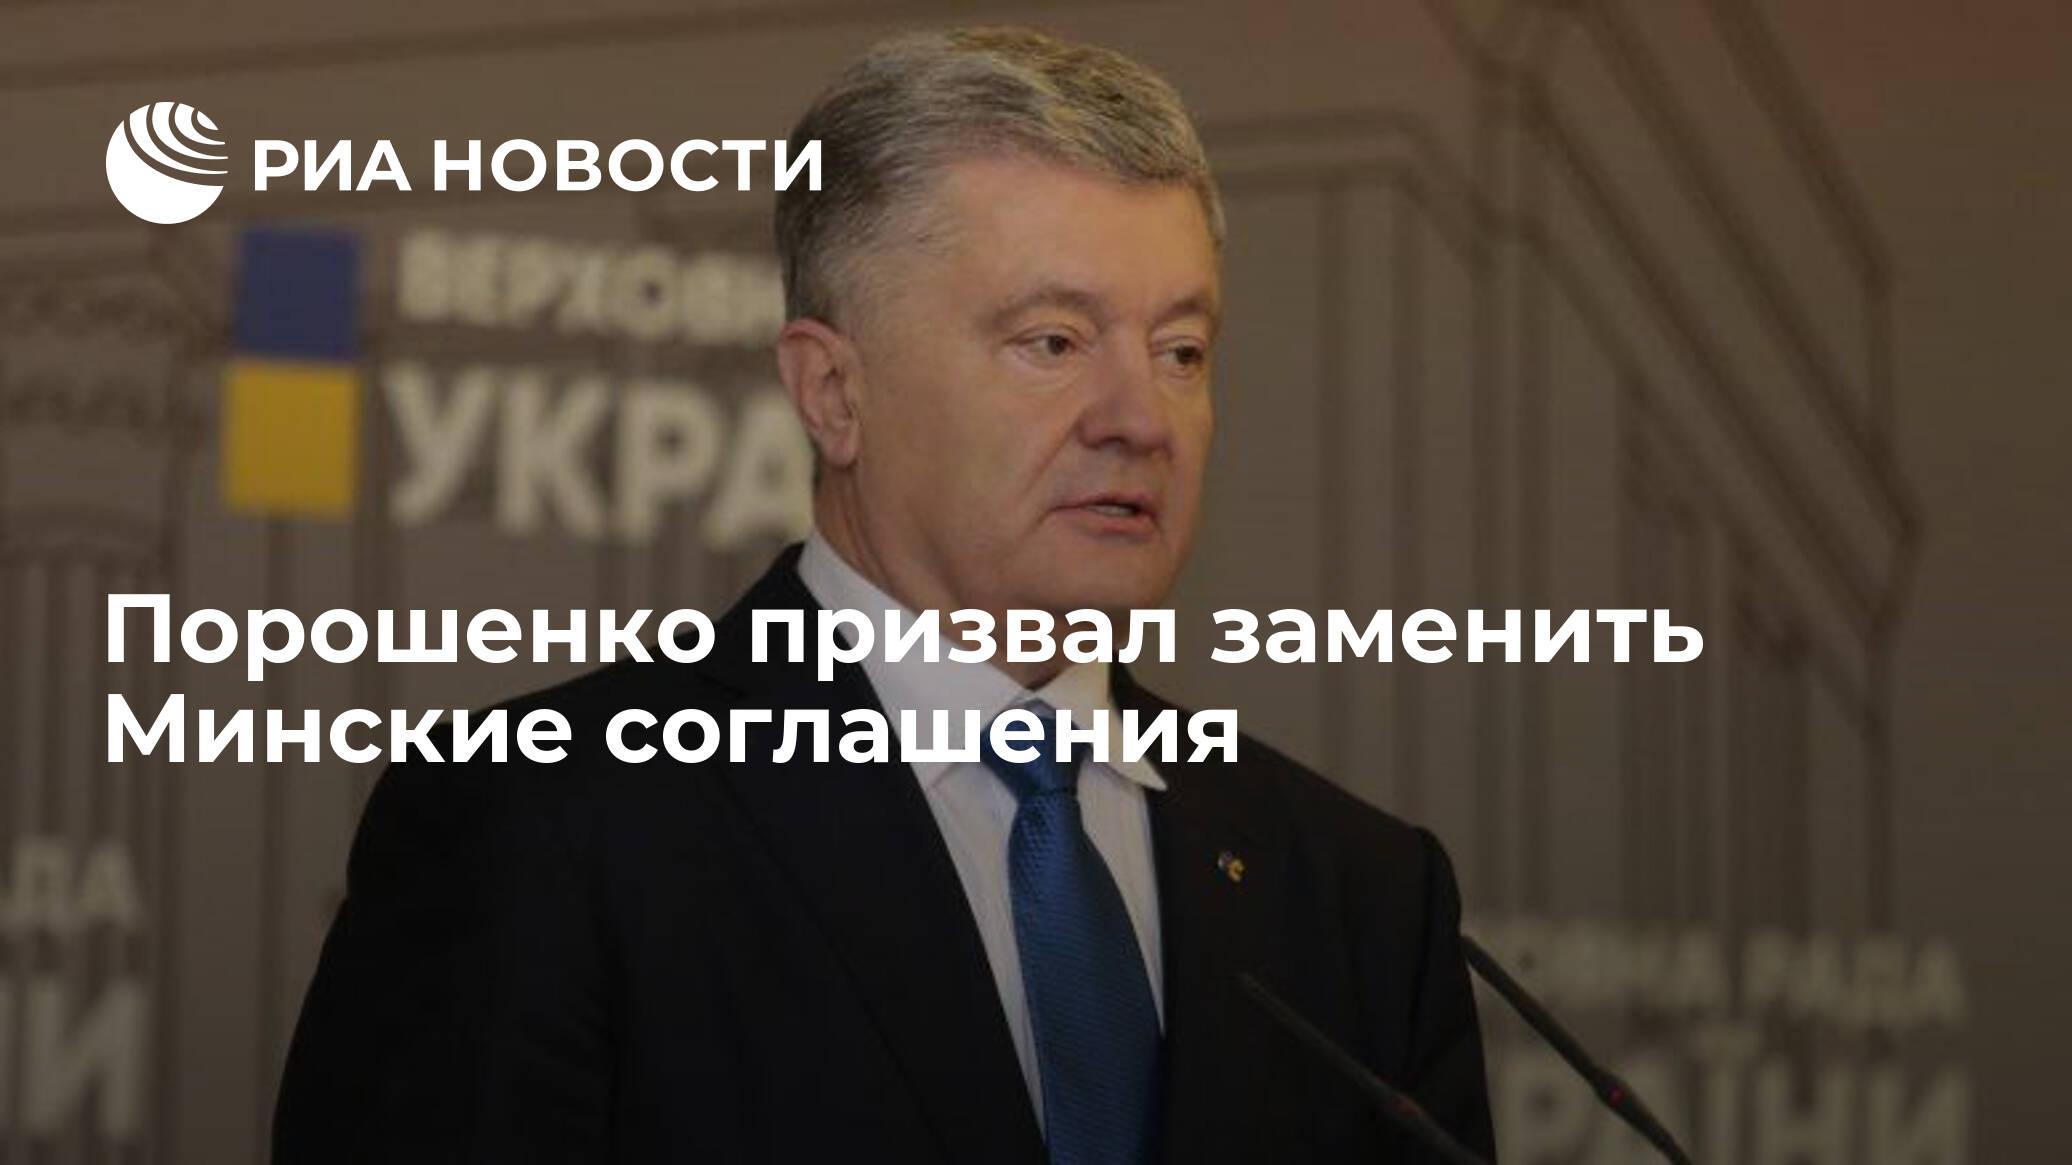 Порошенко призвал заменить Минские соглашения